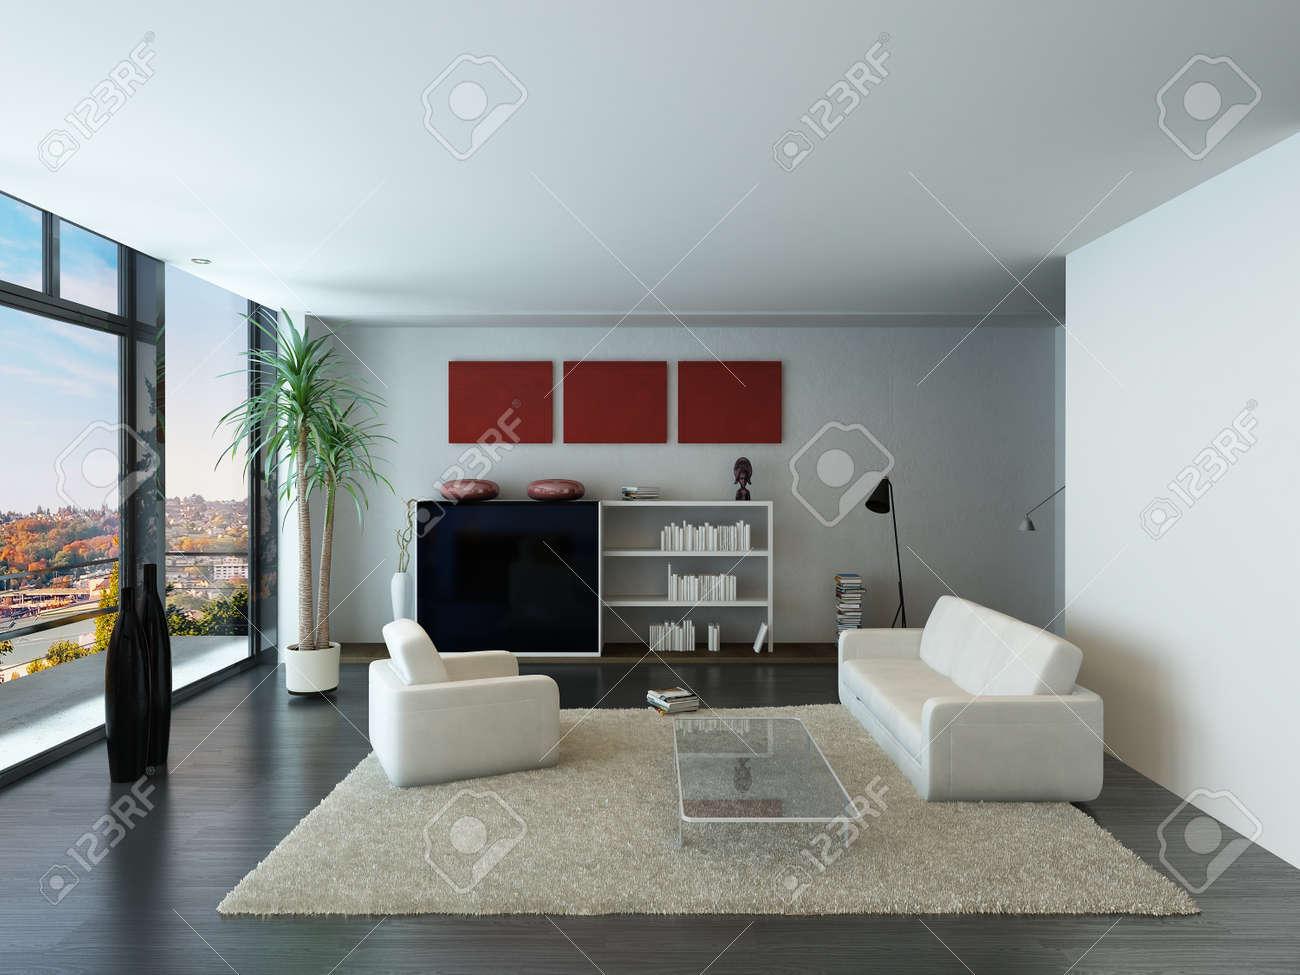 Moderne Loft Interieur Mit Trendigen Wohnzimmer Mobel Lizenzfreie